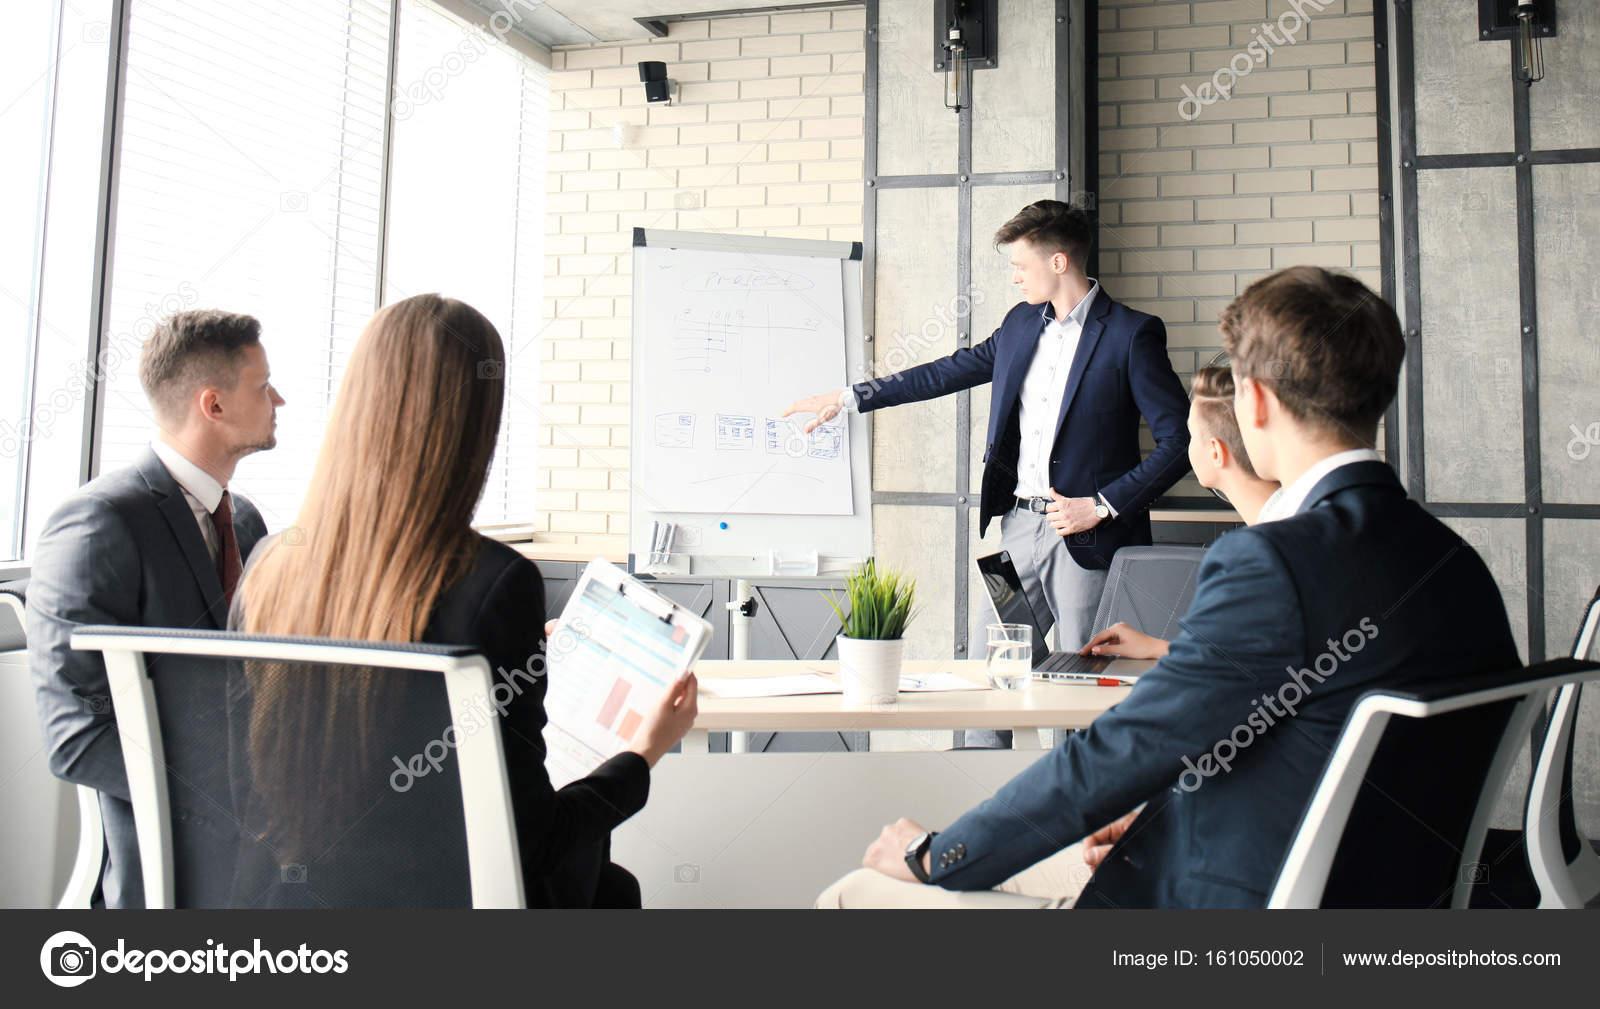 Conferenza di presentazione aziendale con team formazione for Stock mobili ufficio